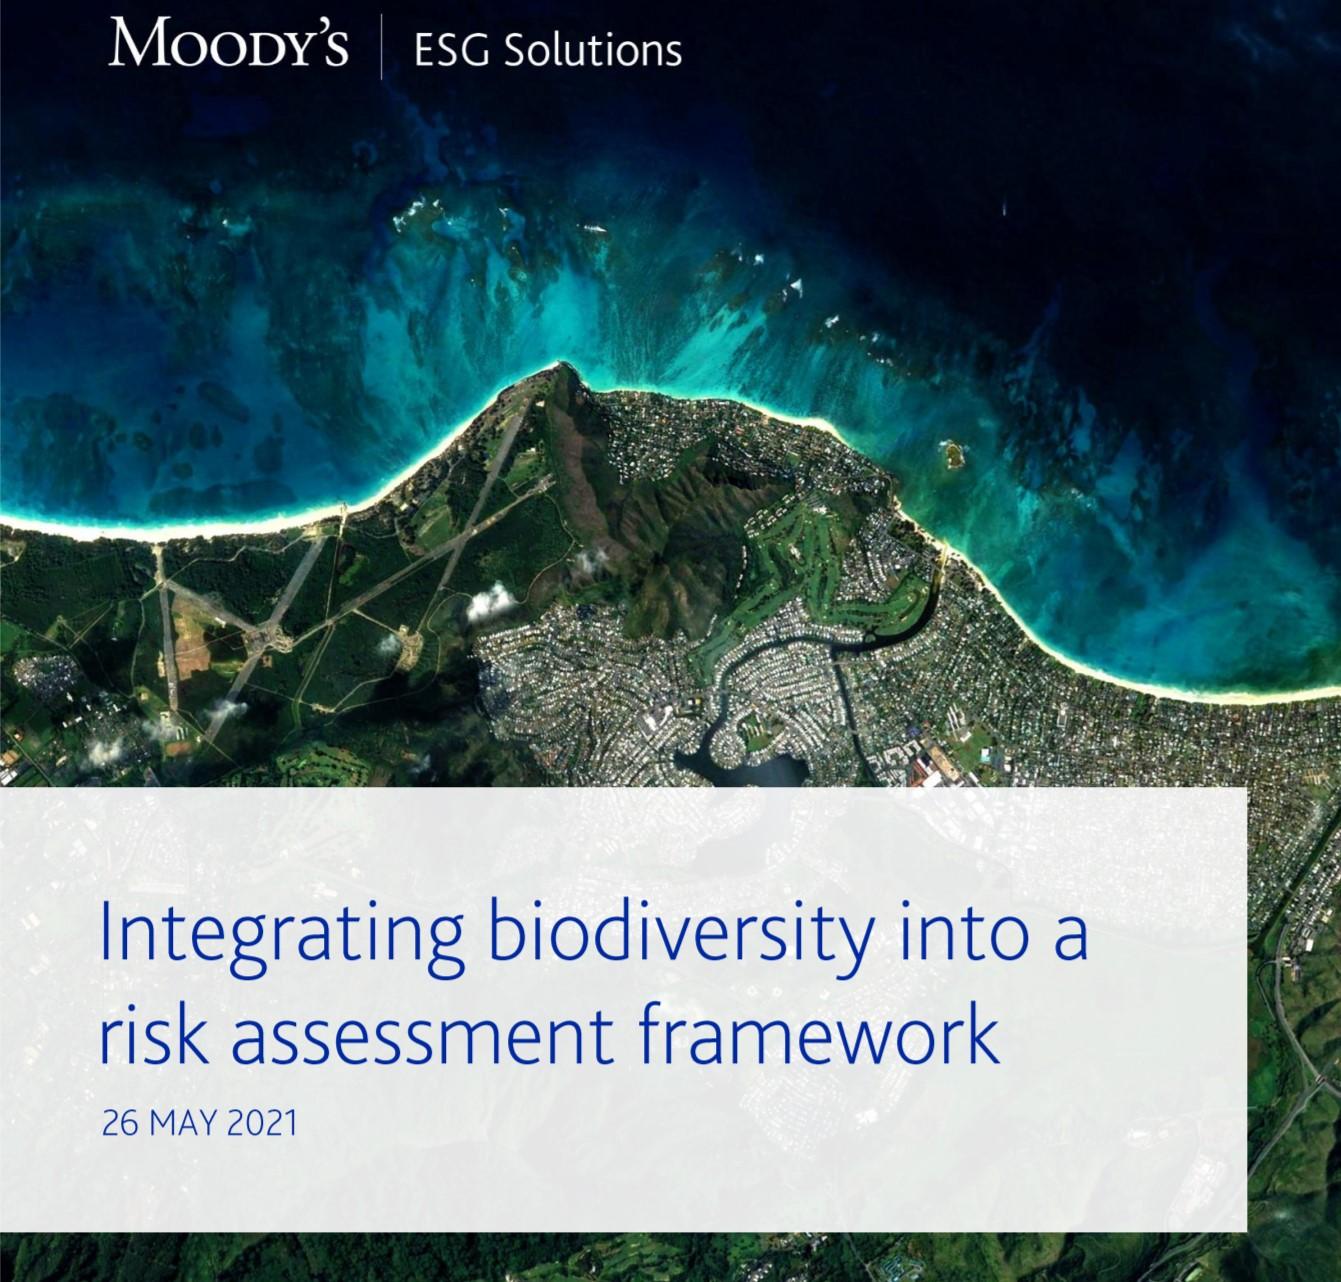 Onderzoek Moody's: meer dan een derde van de bedrijven heeft te maken met verlies van leefgebied